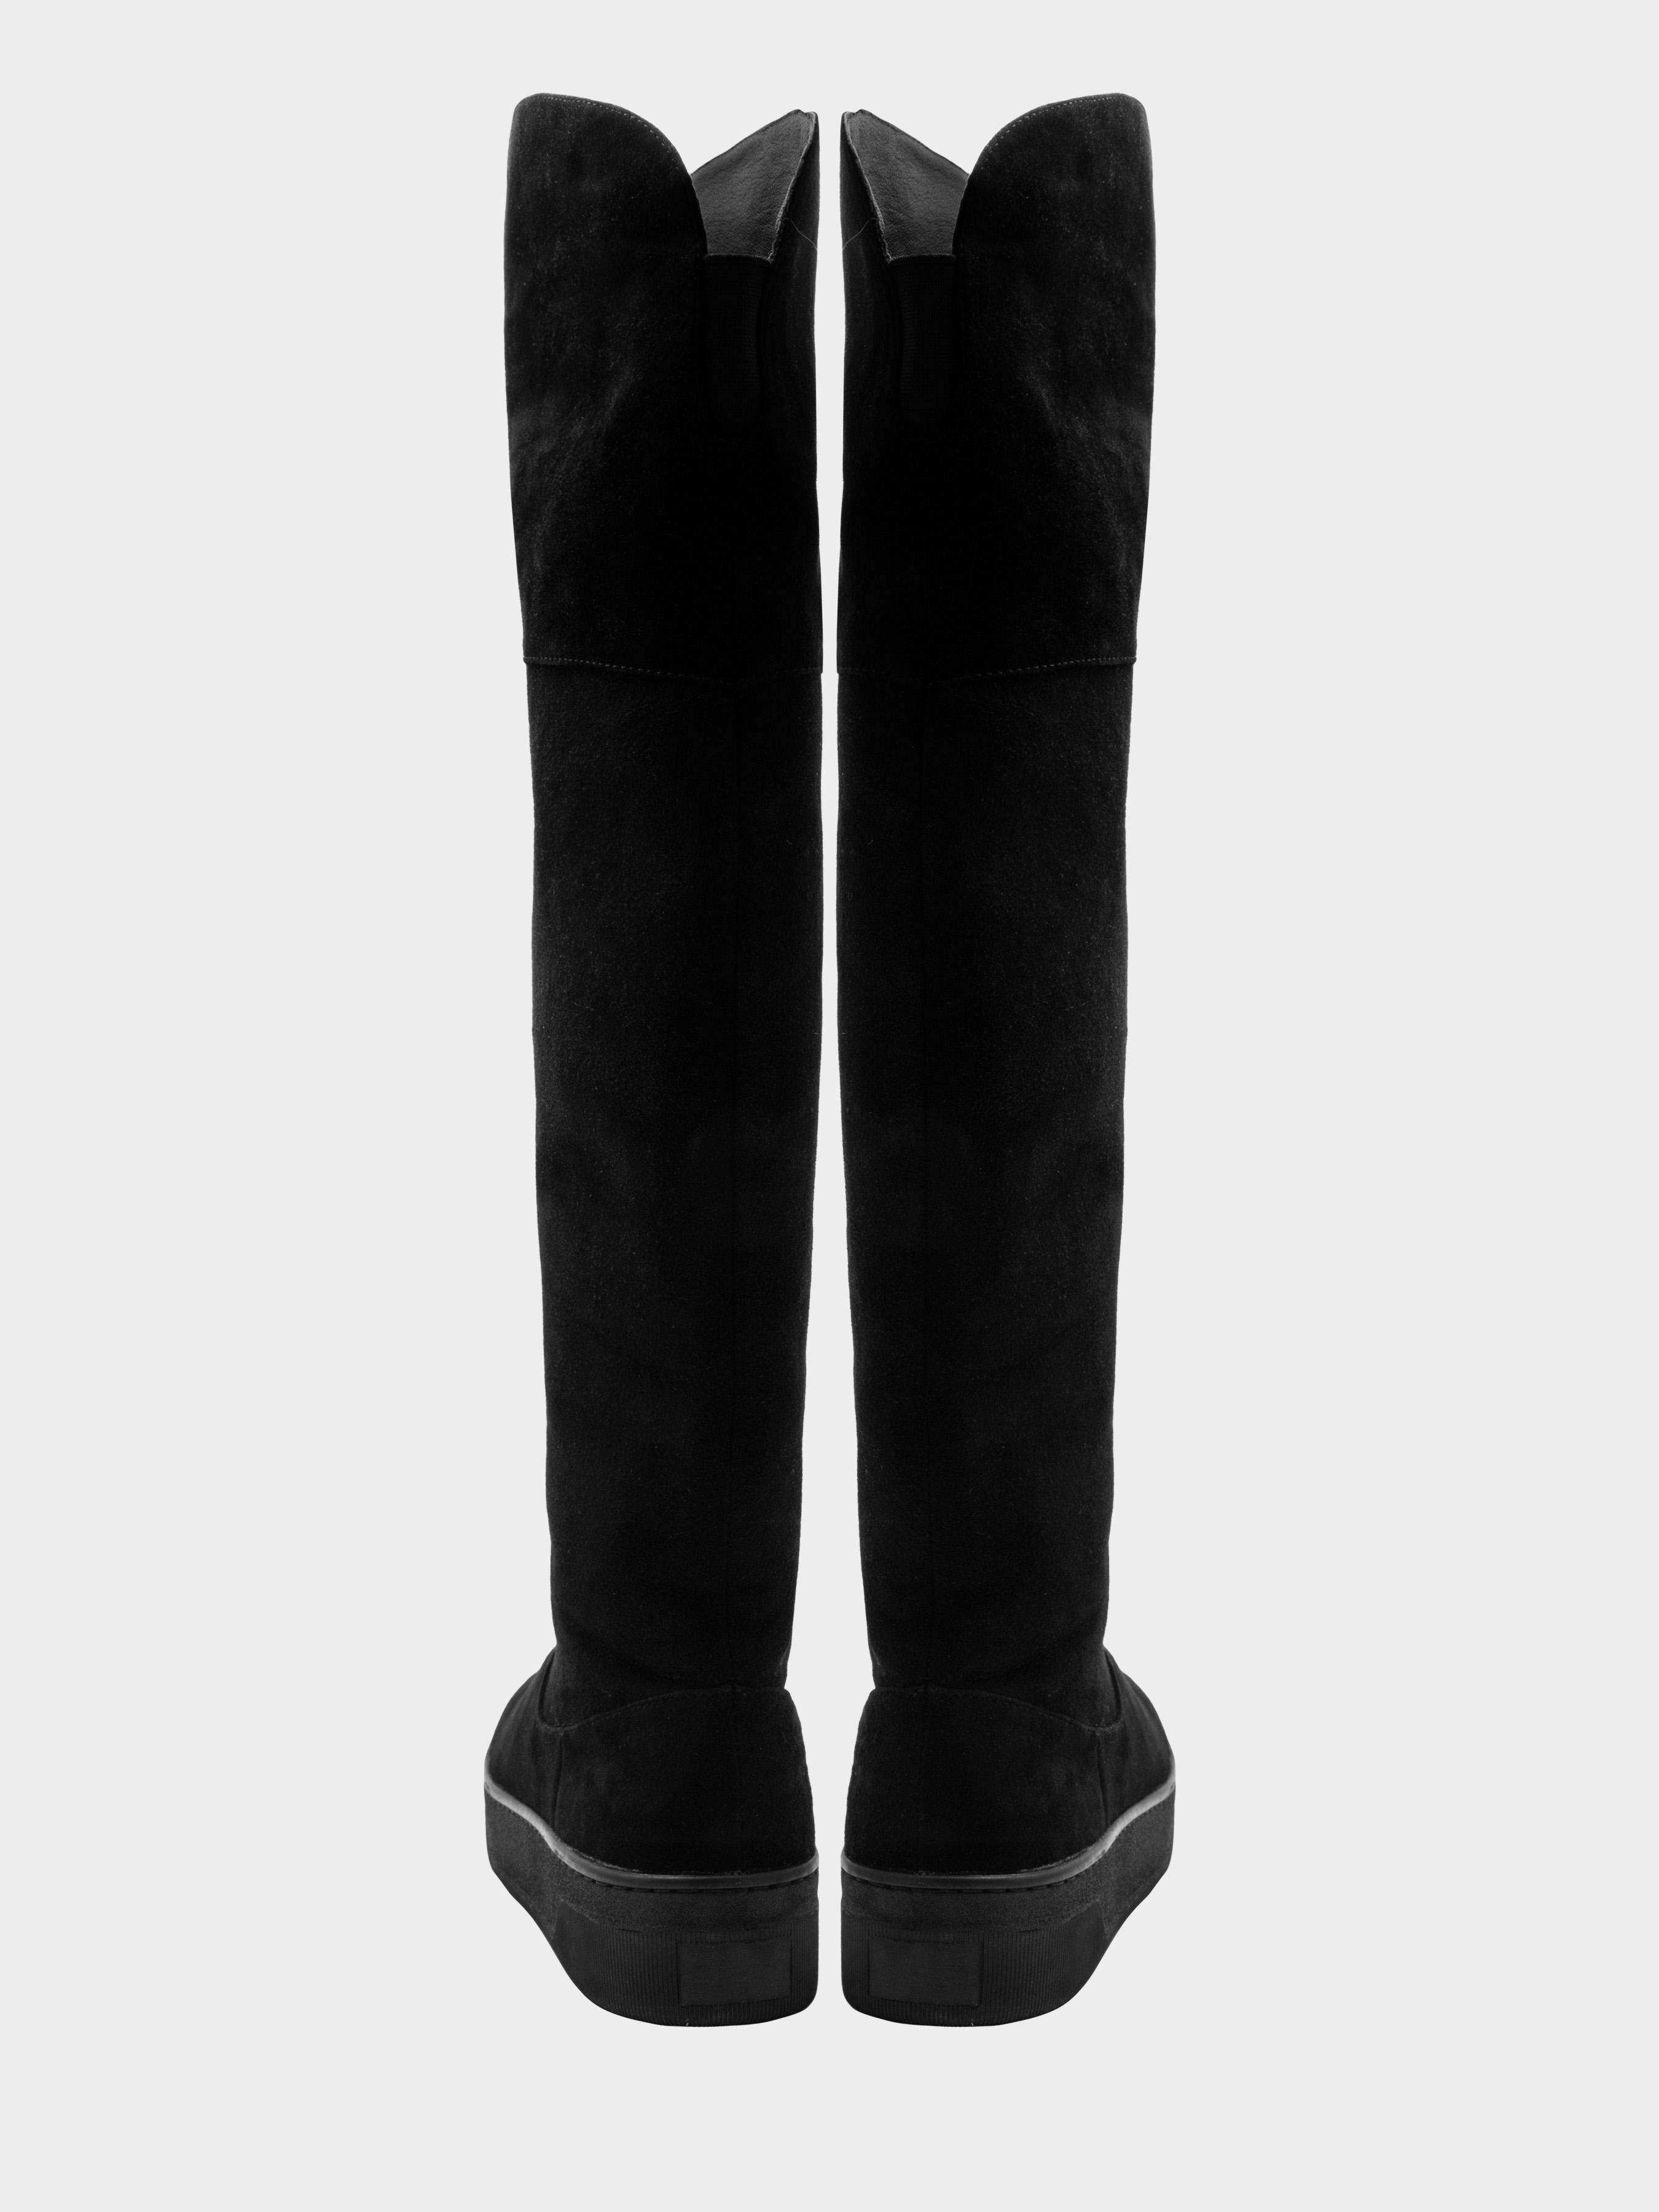 Сапоги для женщин Сапоги женские ENZO VERRATTI 18-1462-6 размерная сетка обуви, 2017